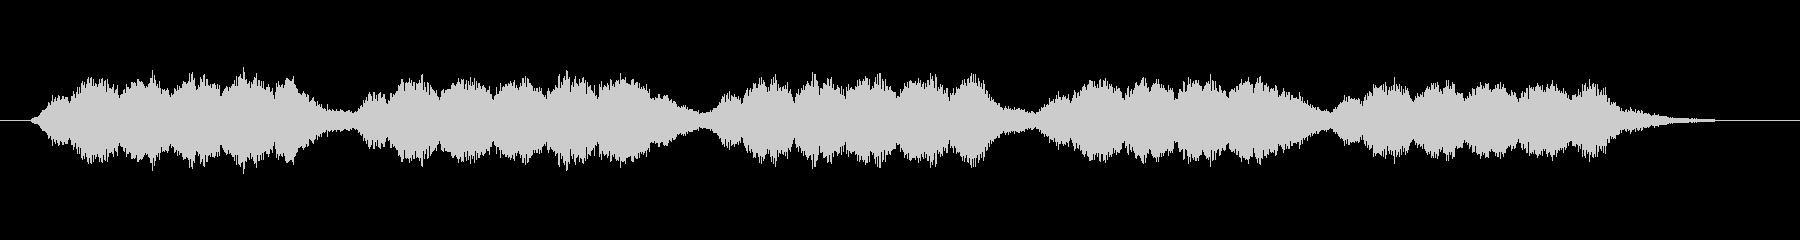 ブーン、グワワン(エンジン、モーター)の未再生の波形